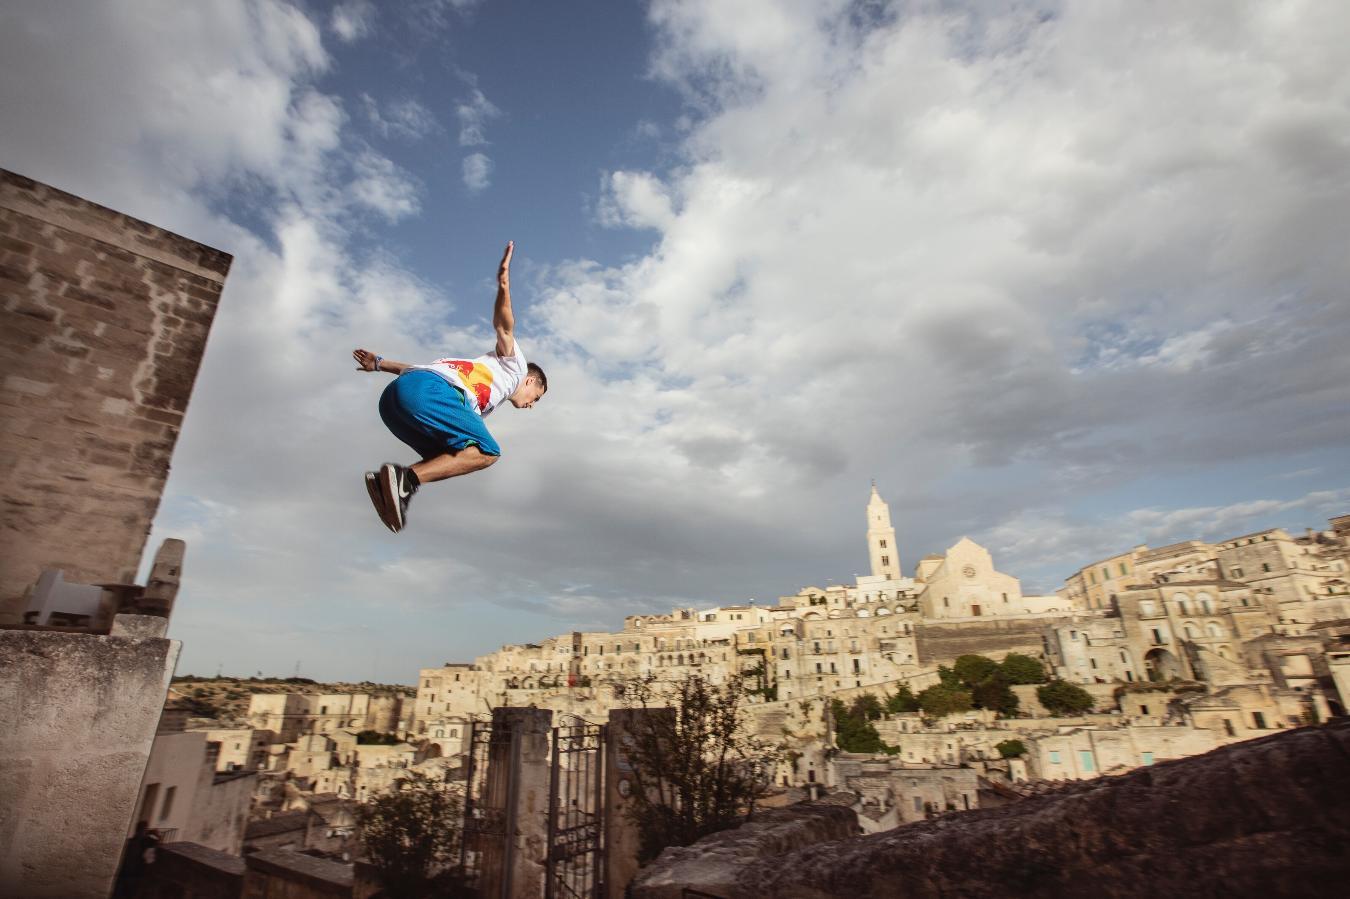 Το Red Bull Art Of Motion στην πολιτιστική πρωτεύουσα της Ευρώπης!